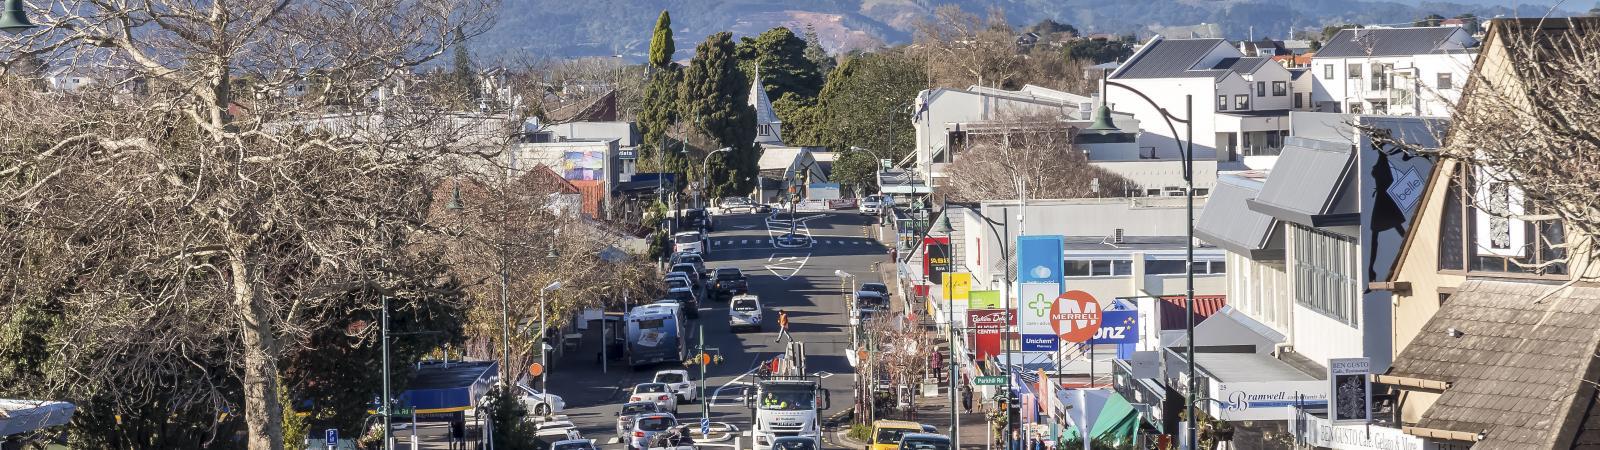 LJ Hooker Howick office street view image